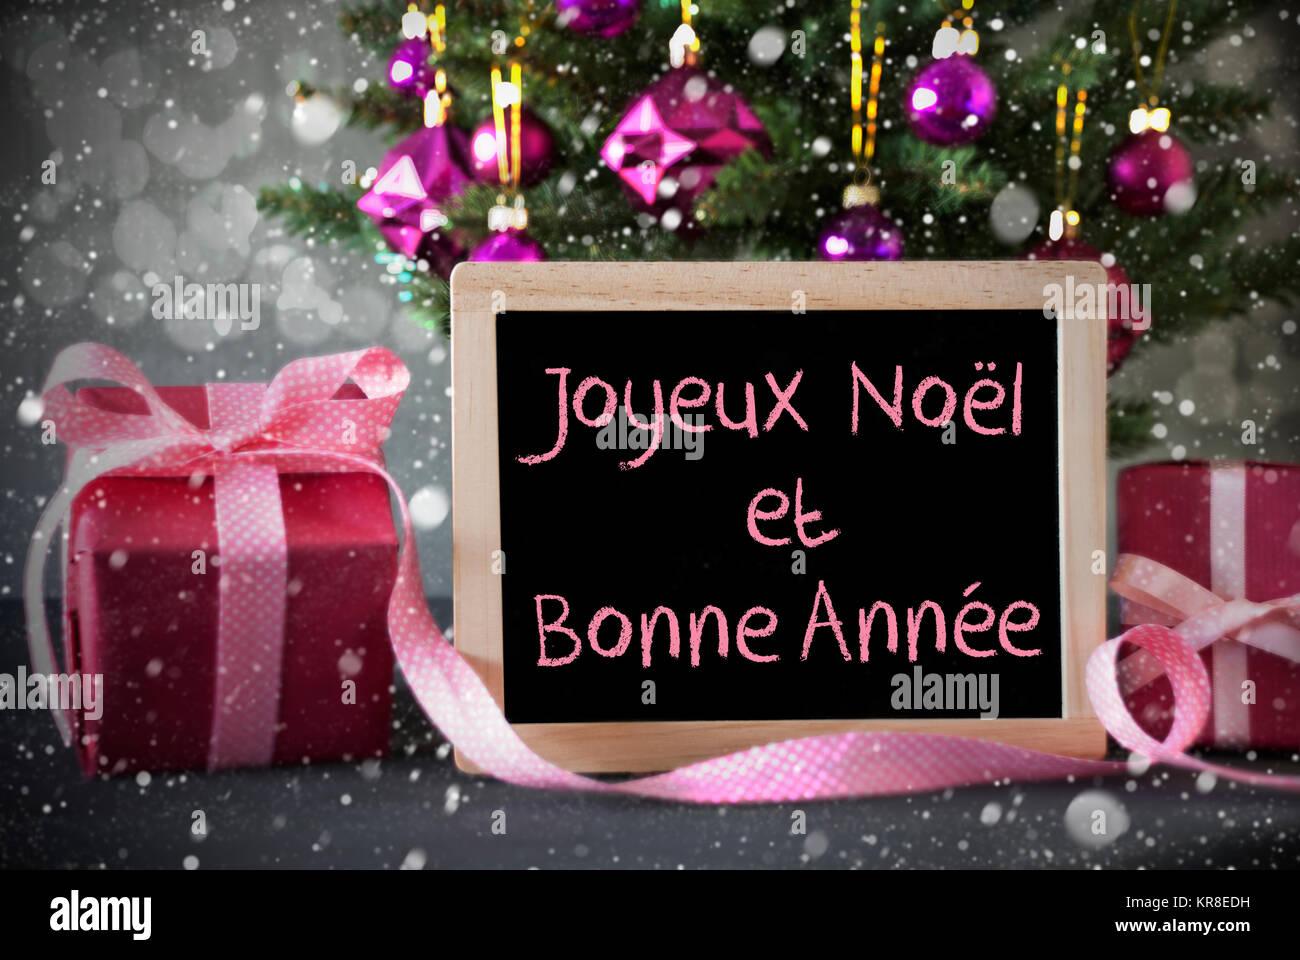 Auguri Di Buon Natale E Felice Anno Nuovo In Francese.Lavagna Con Testo Francese Joyeux Noel Et Bonne Annee